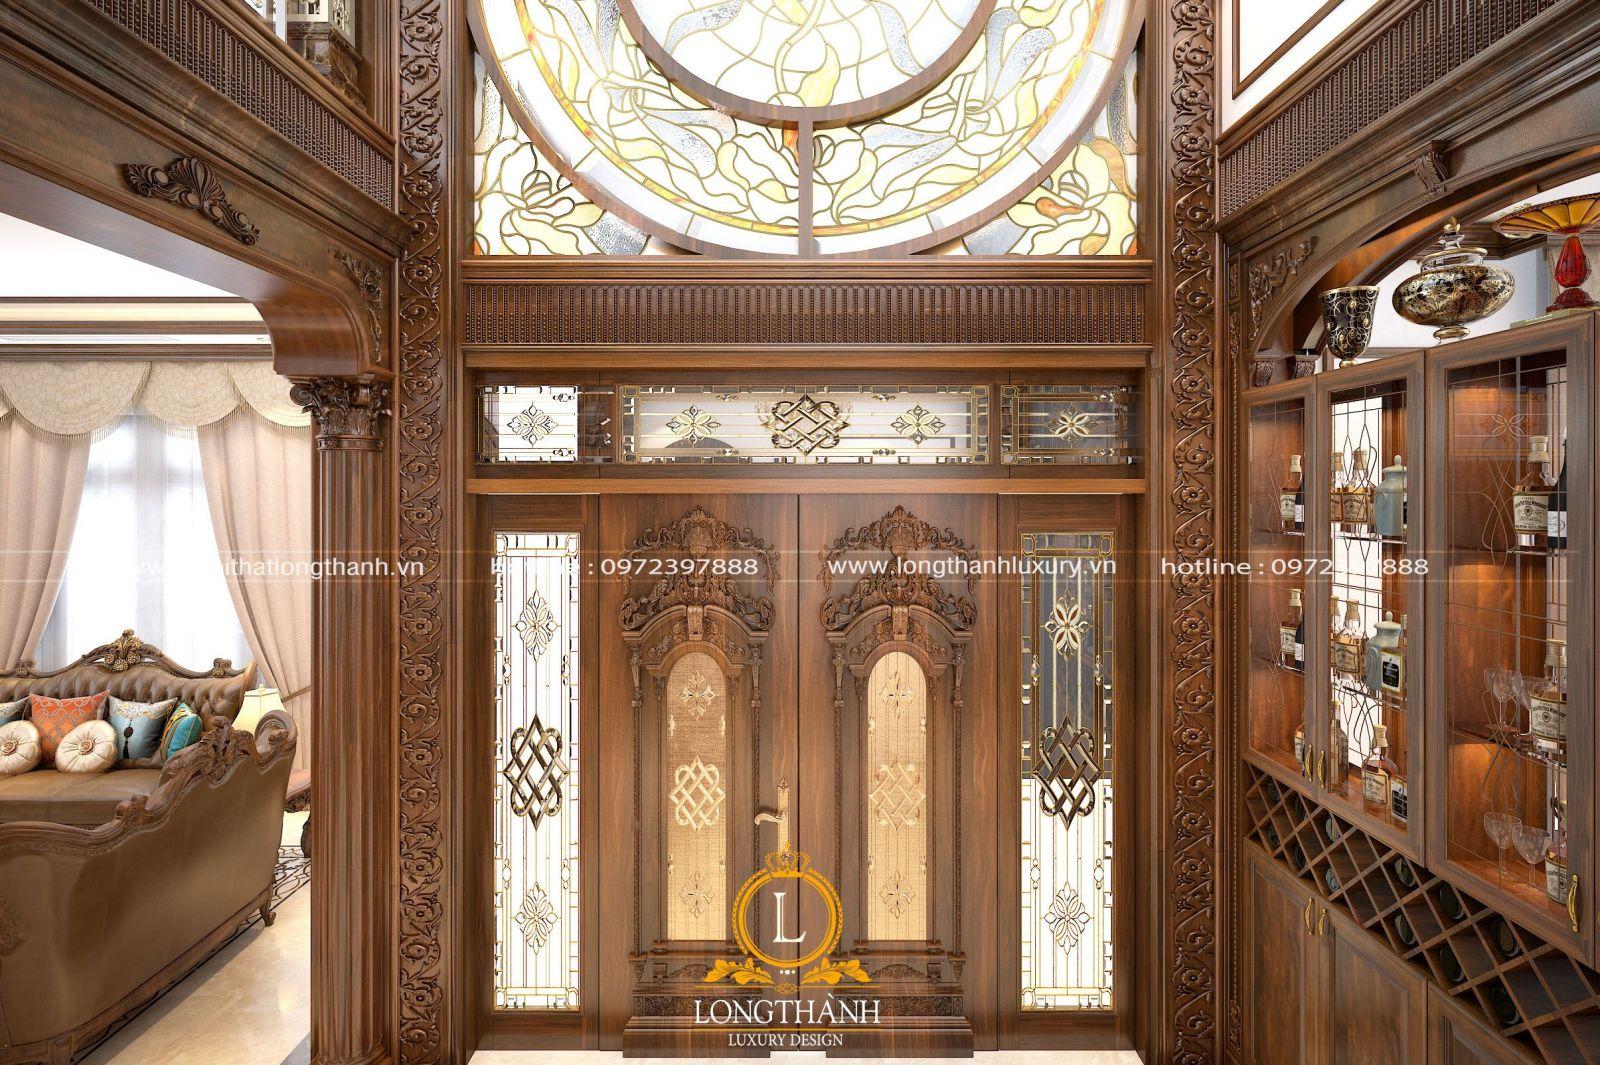 TOP 10 mẫu cửa gỗtự nhiên đẹp cho nhà biệt thự